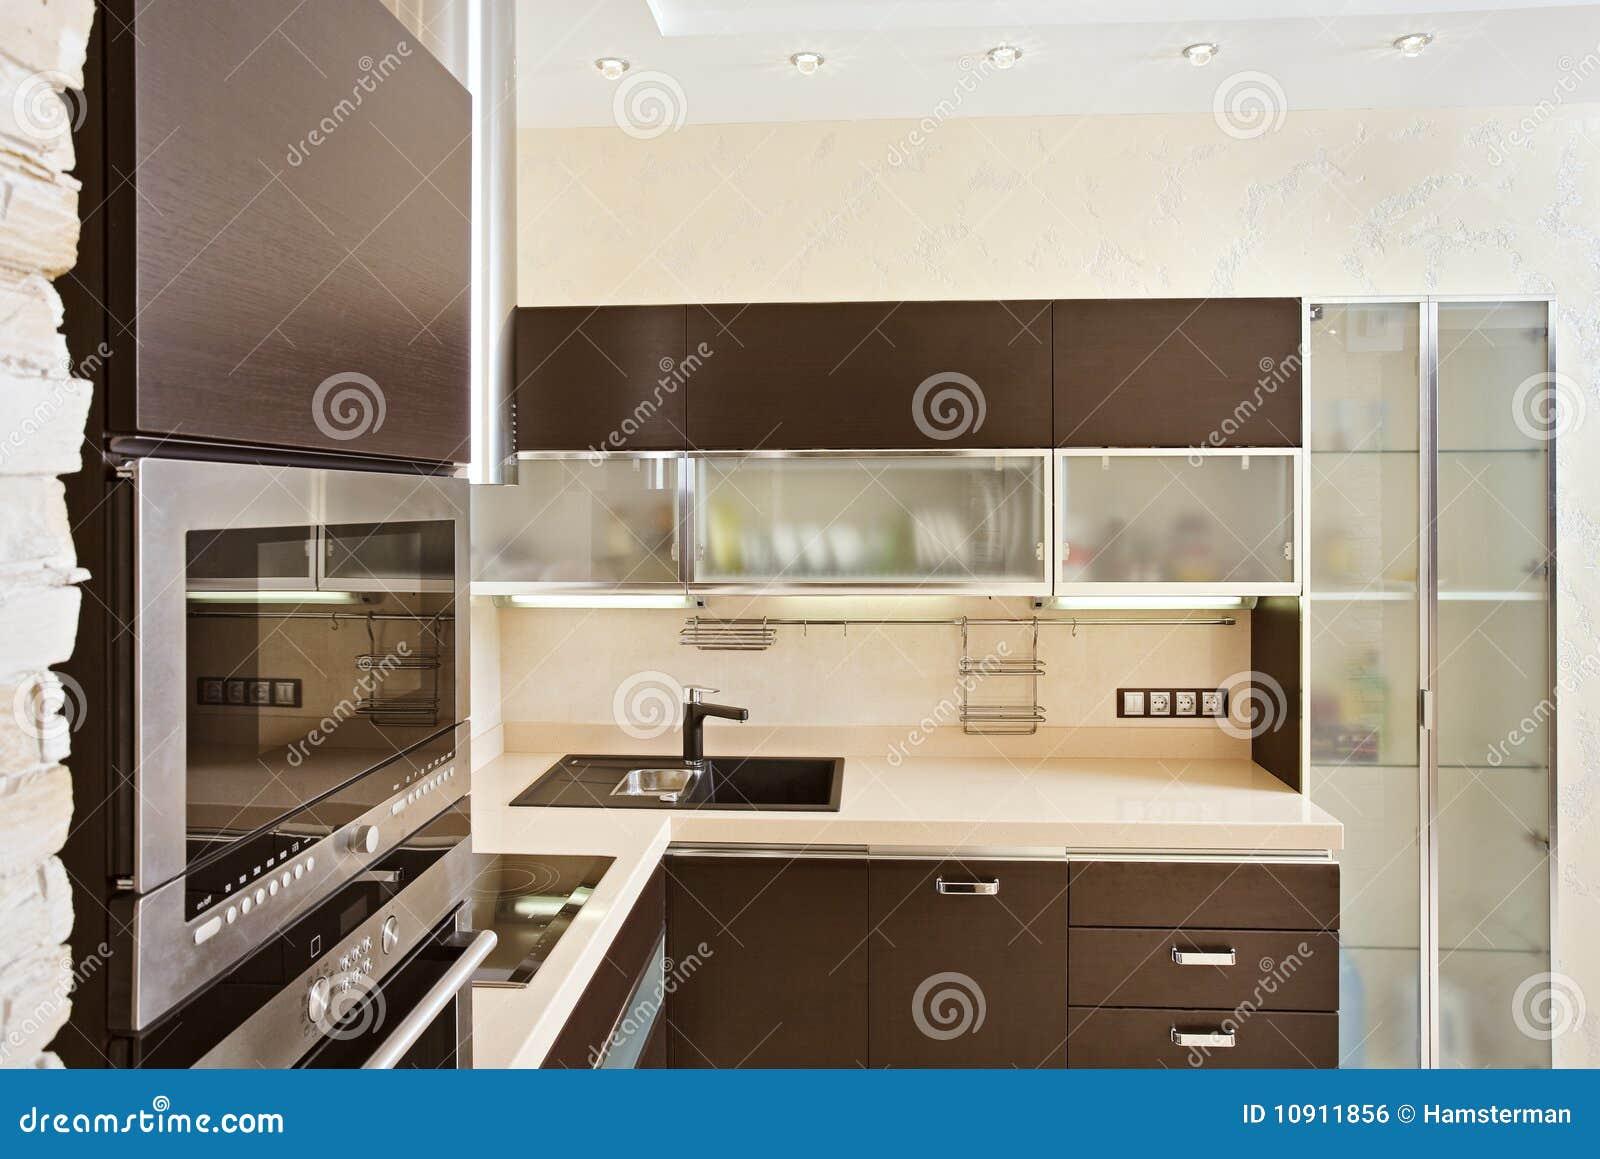 Muebles De Interior Modernos Great Foto De Muebles De Dormitorio  # Muebles Deinterior